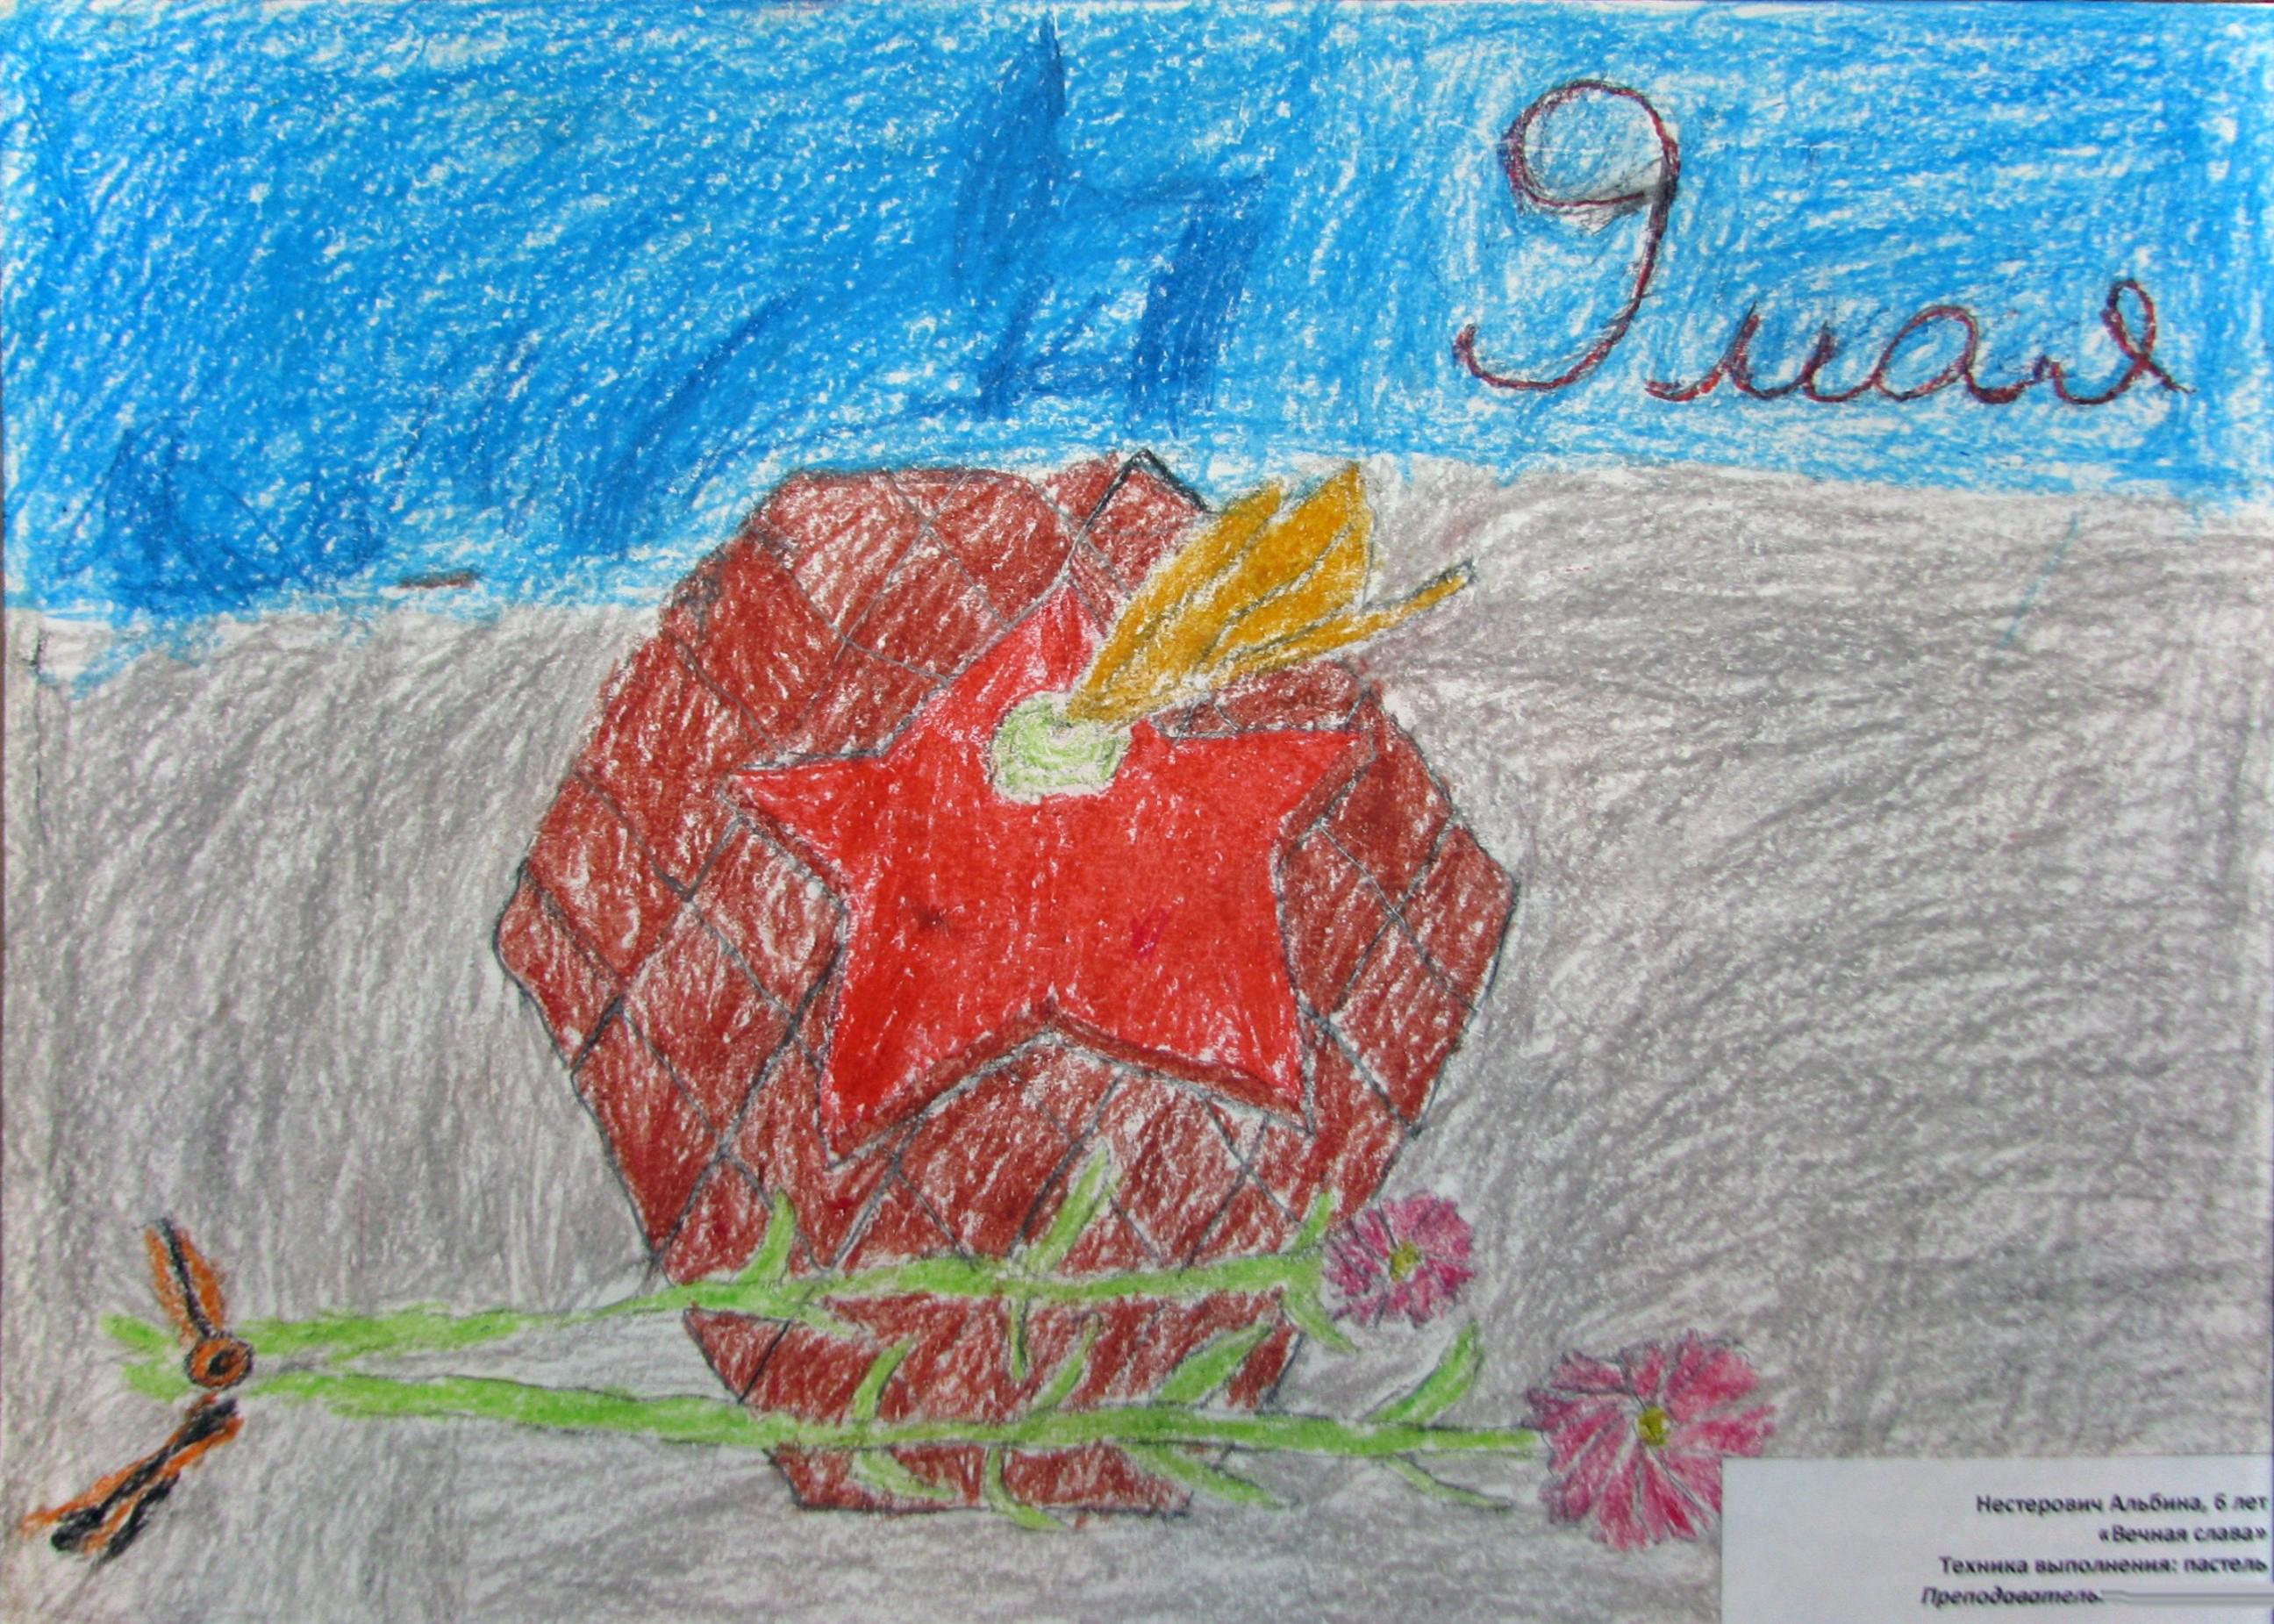 Нестерович Альбина, 6 лет